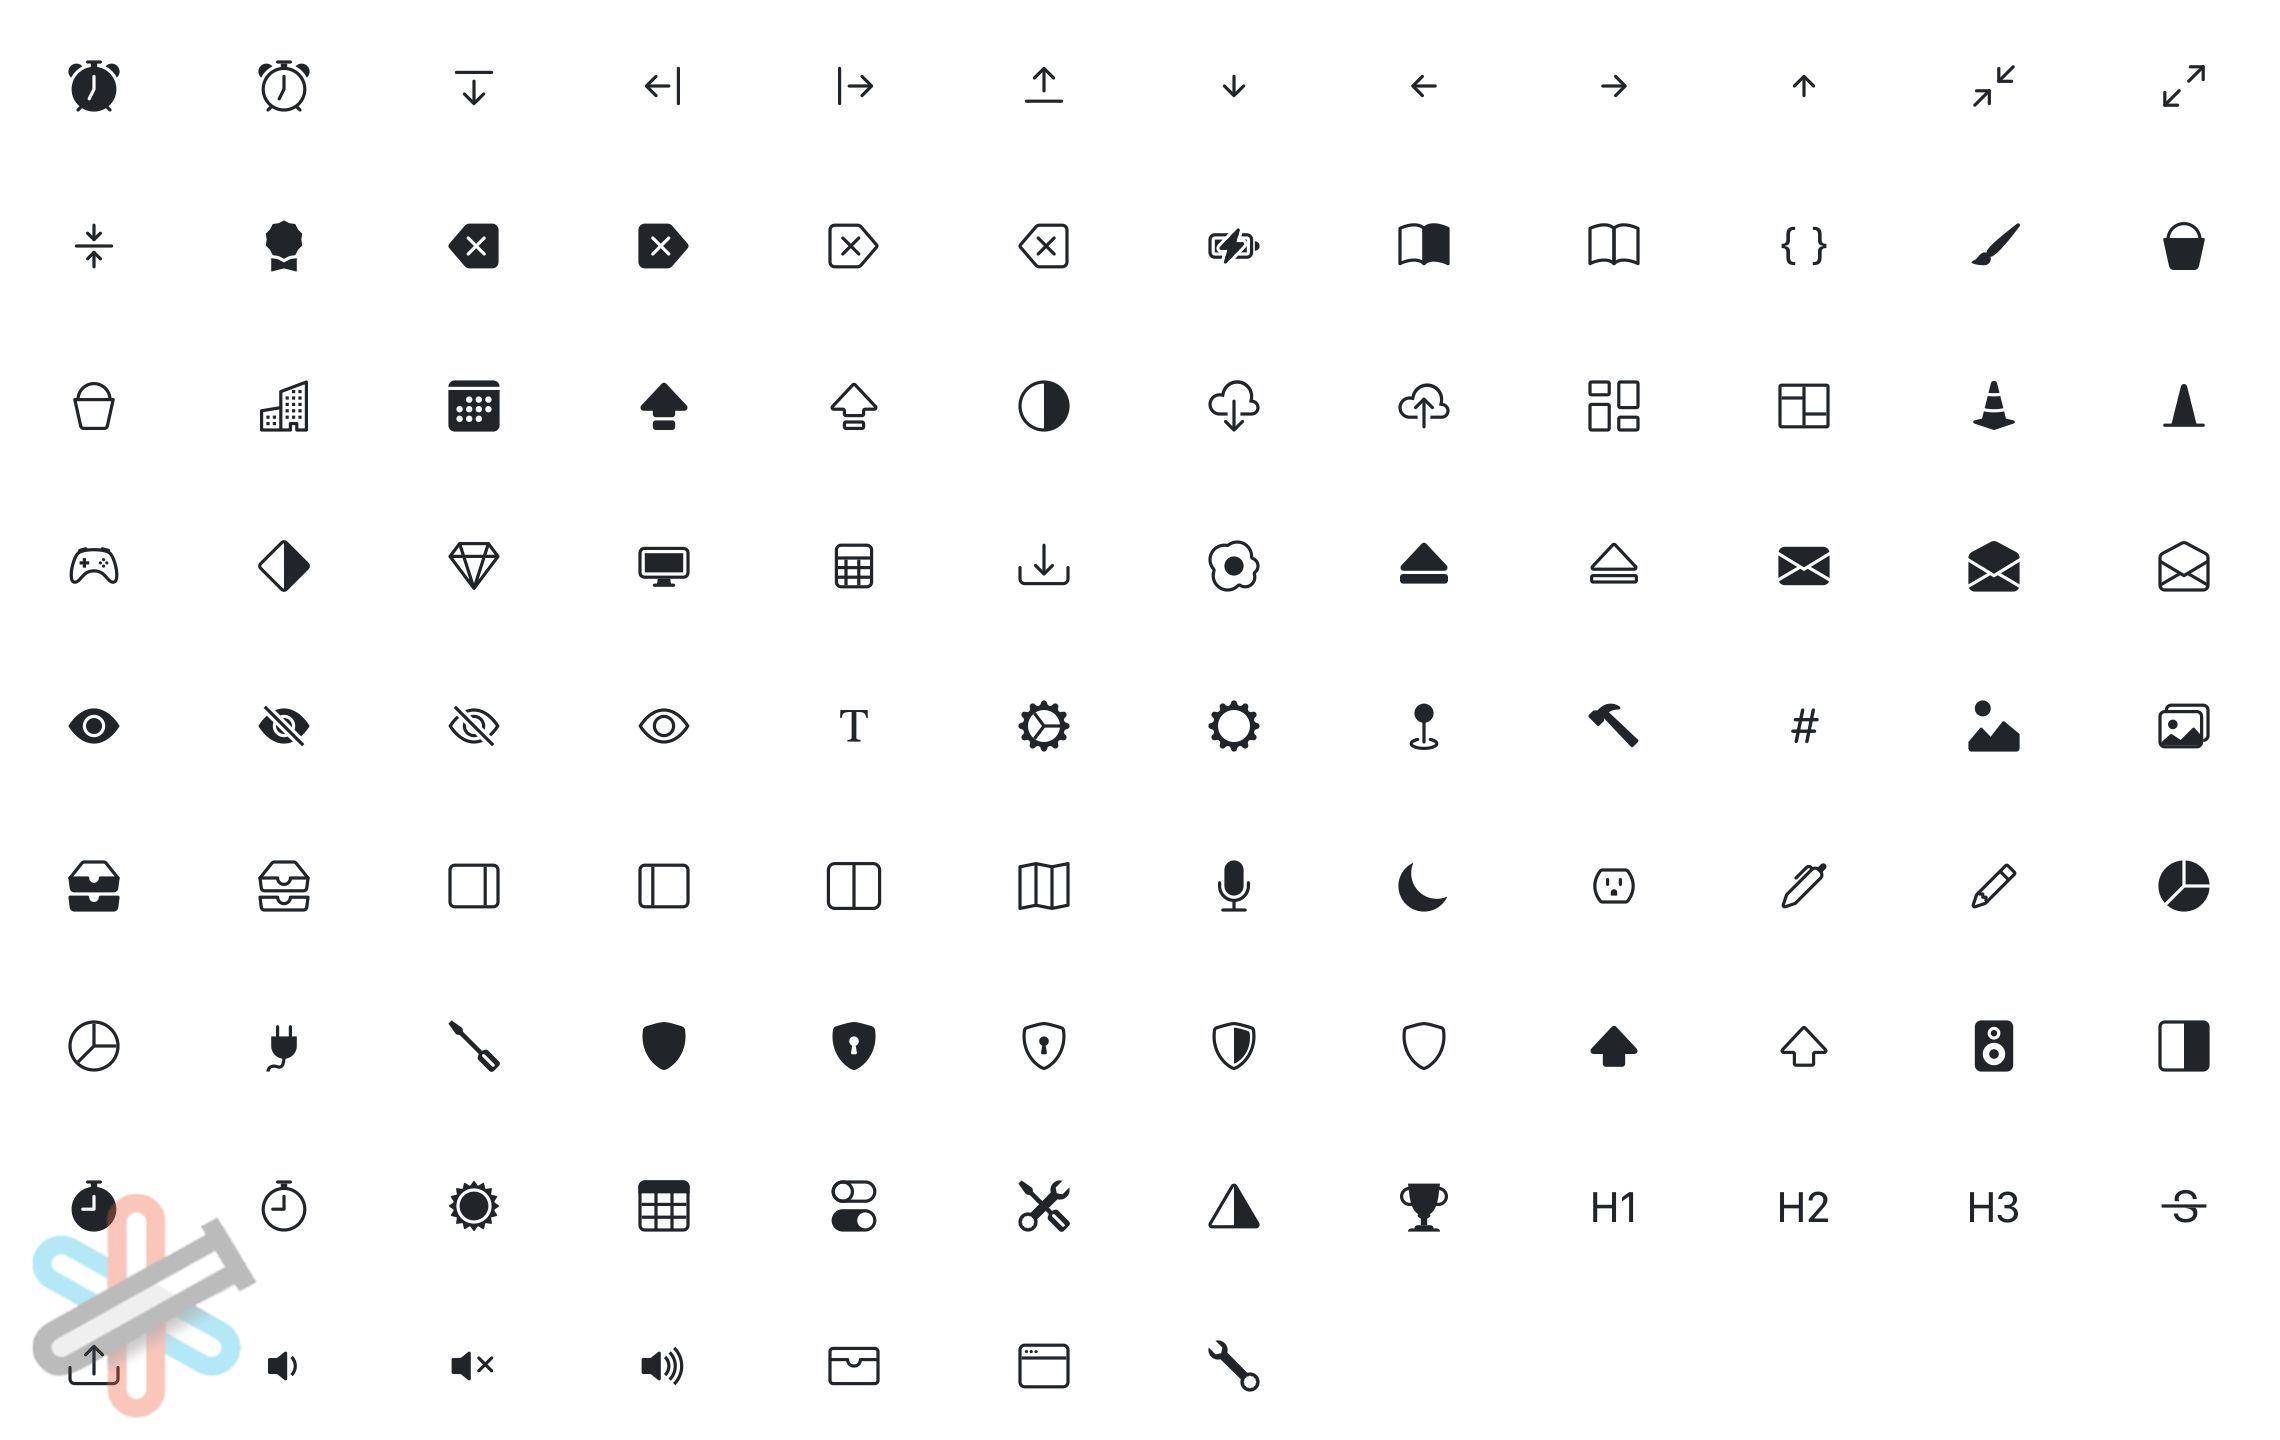 دانلود کتابخانه آیکون های Bootstrap Icons